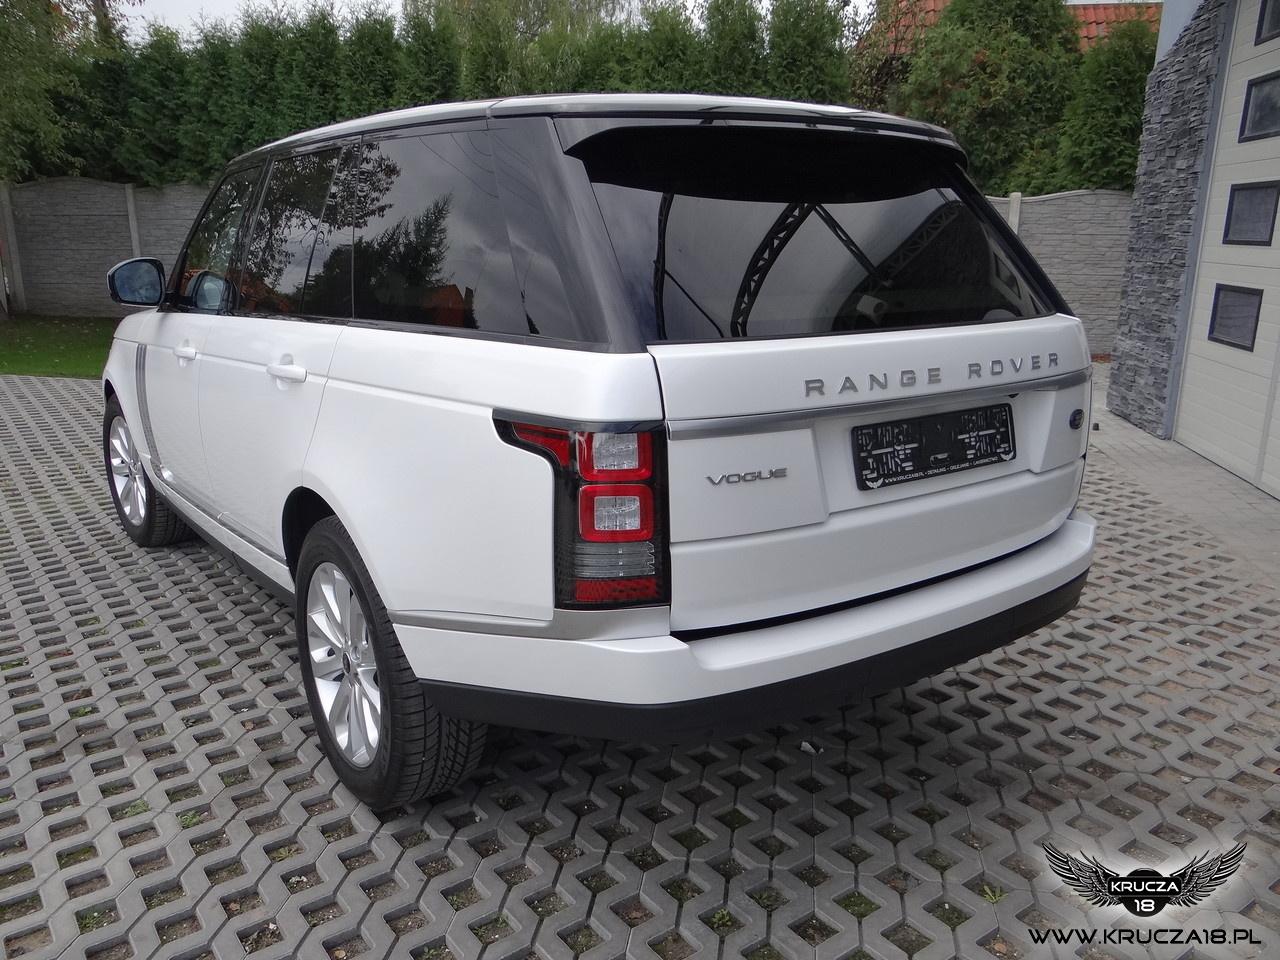 RANGE ROVER : zmiana koloru auta folia : biała perła : oklejanie : Krucza18 : Osielsko/k.Bydgoszczy